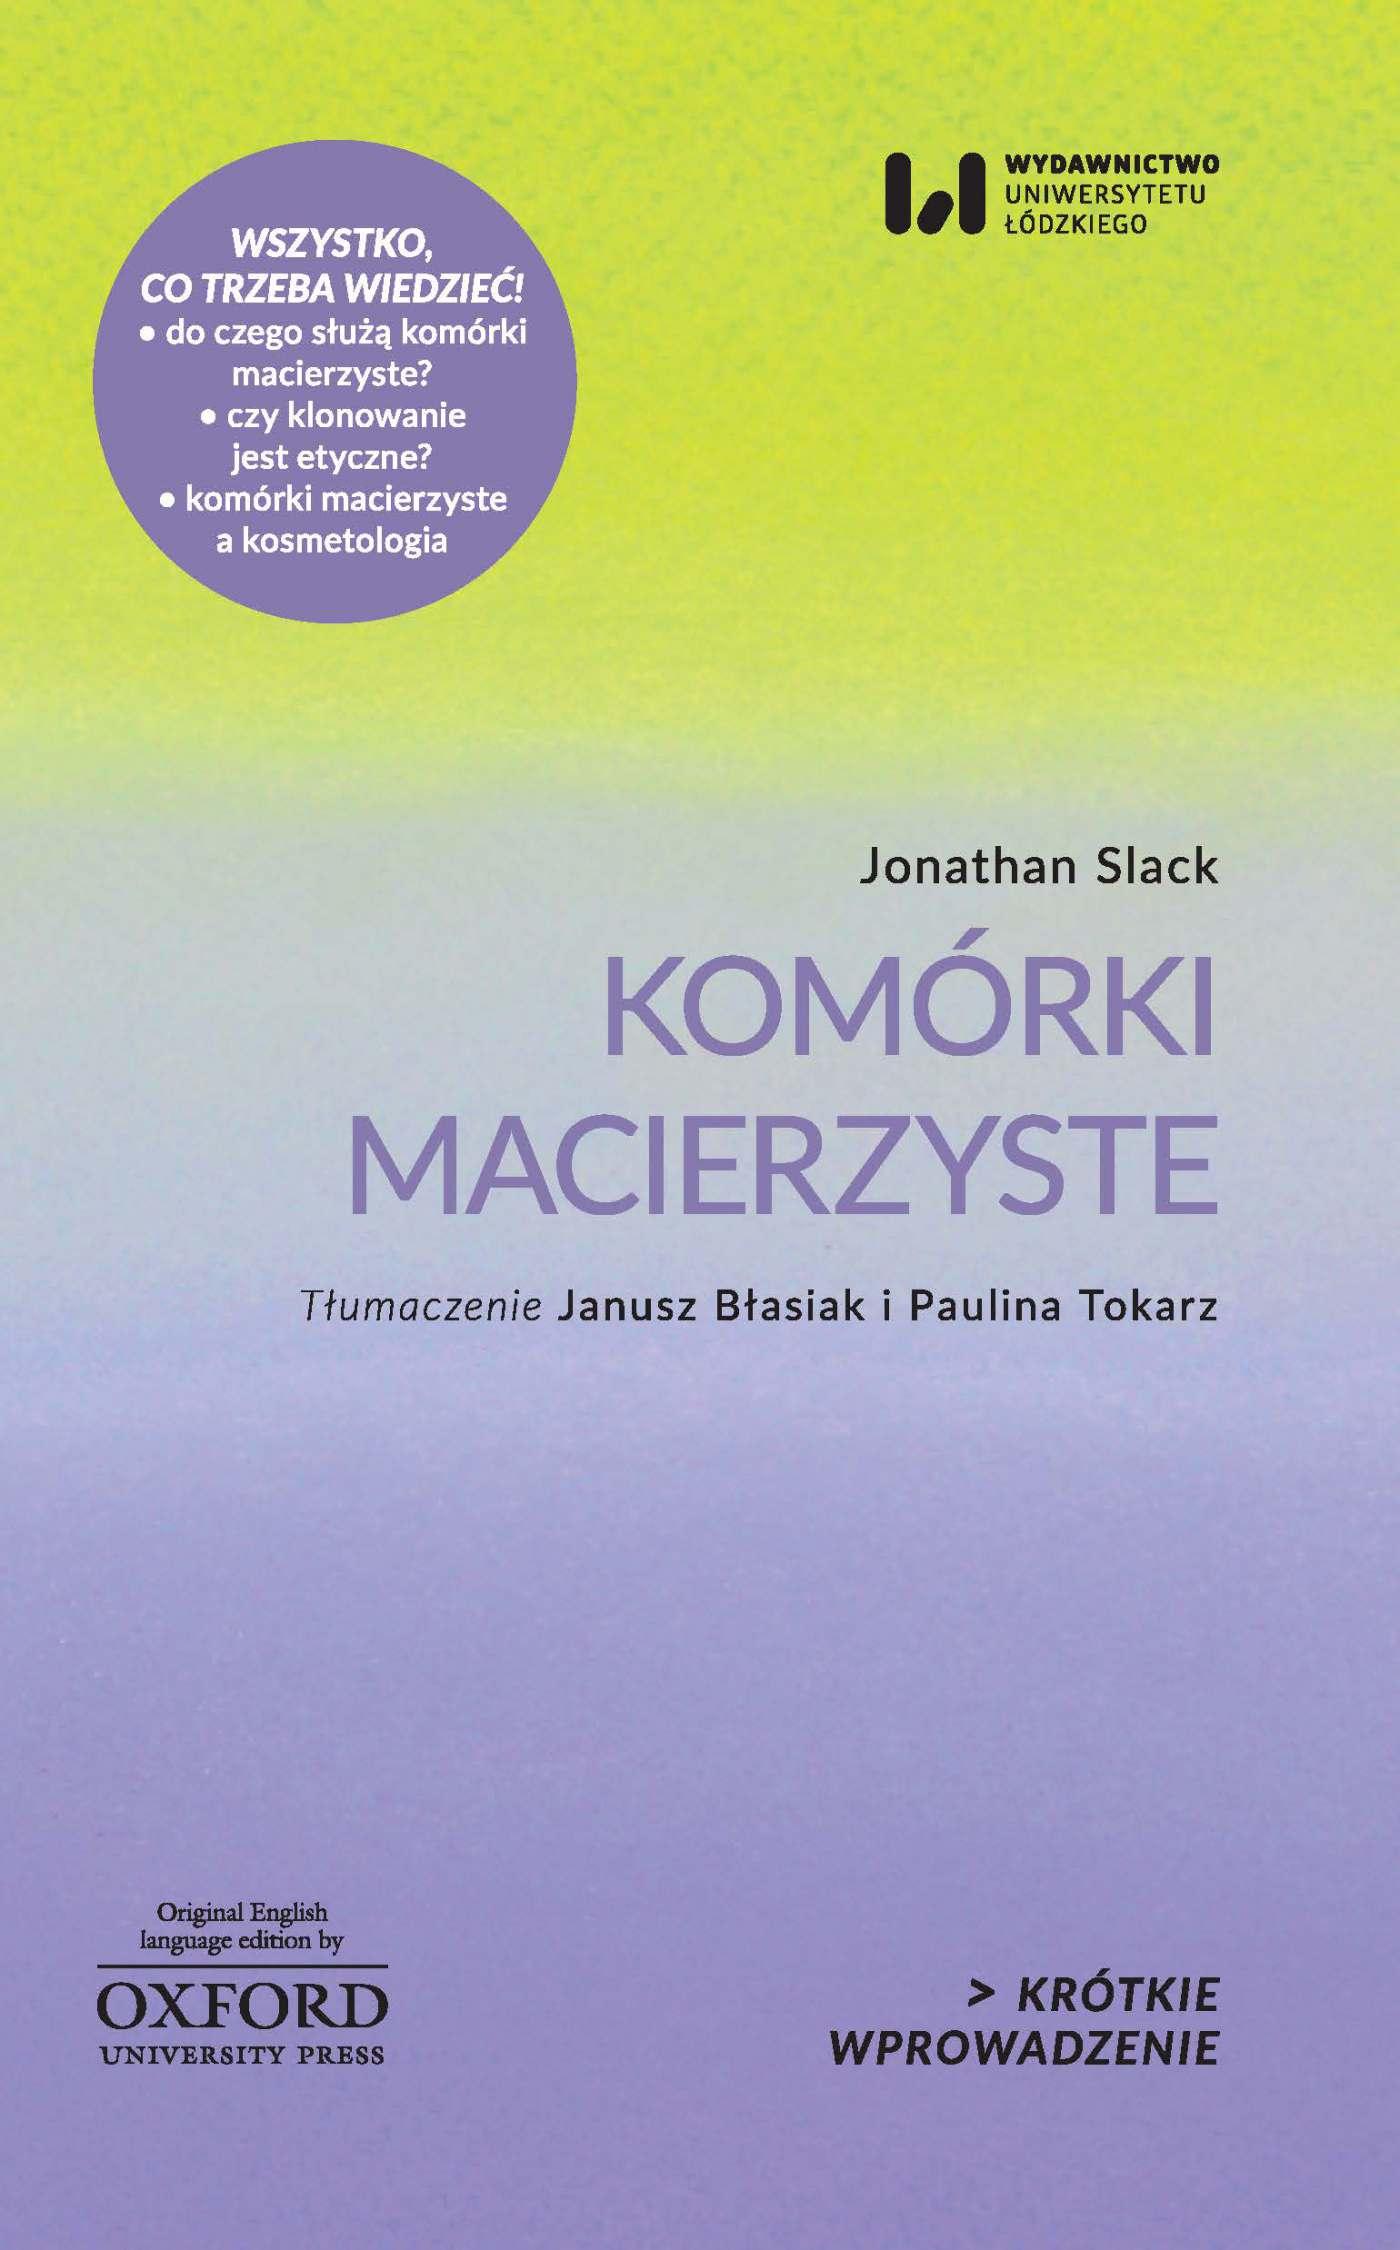 Komórki macierzyste. Krótkie Wprowadzenie 7 - Ebook (Książka PDF) do pobrania w formacie PDF